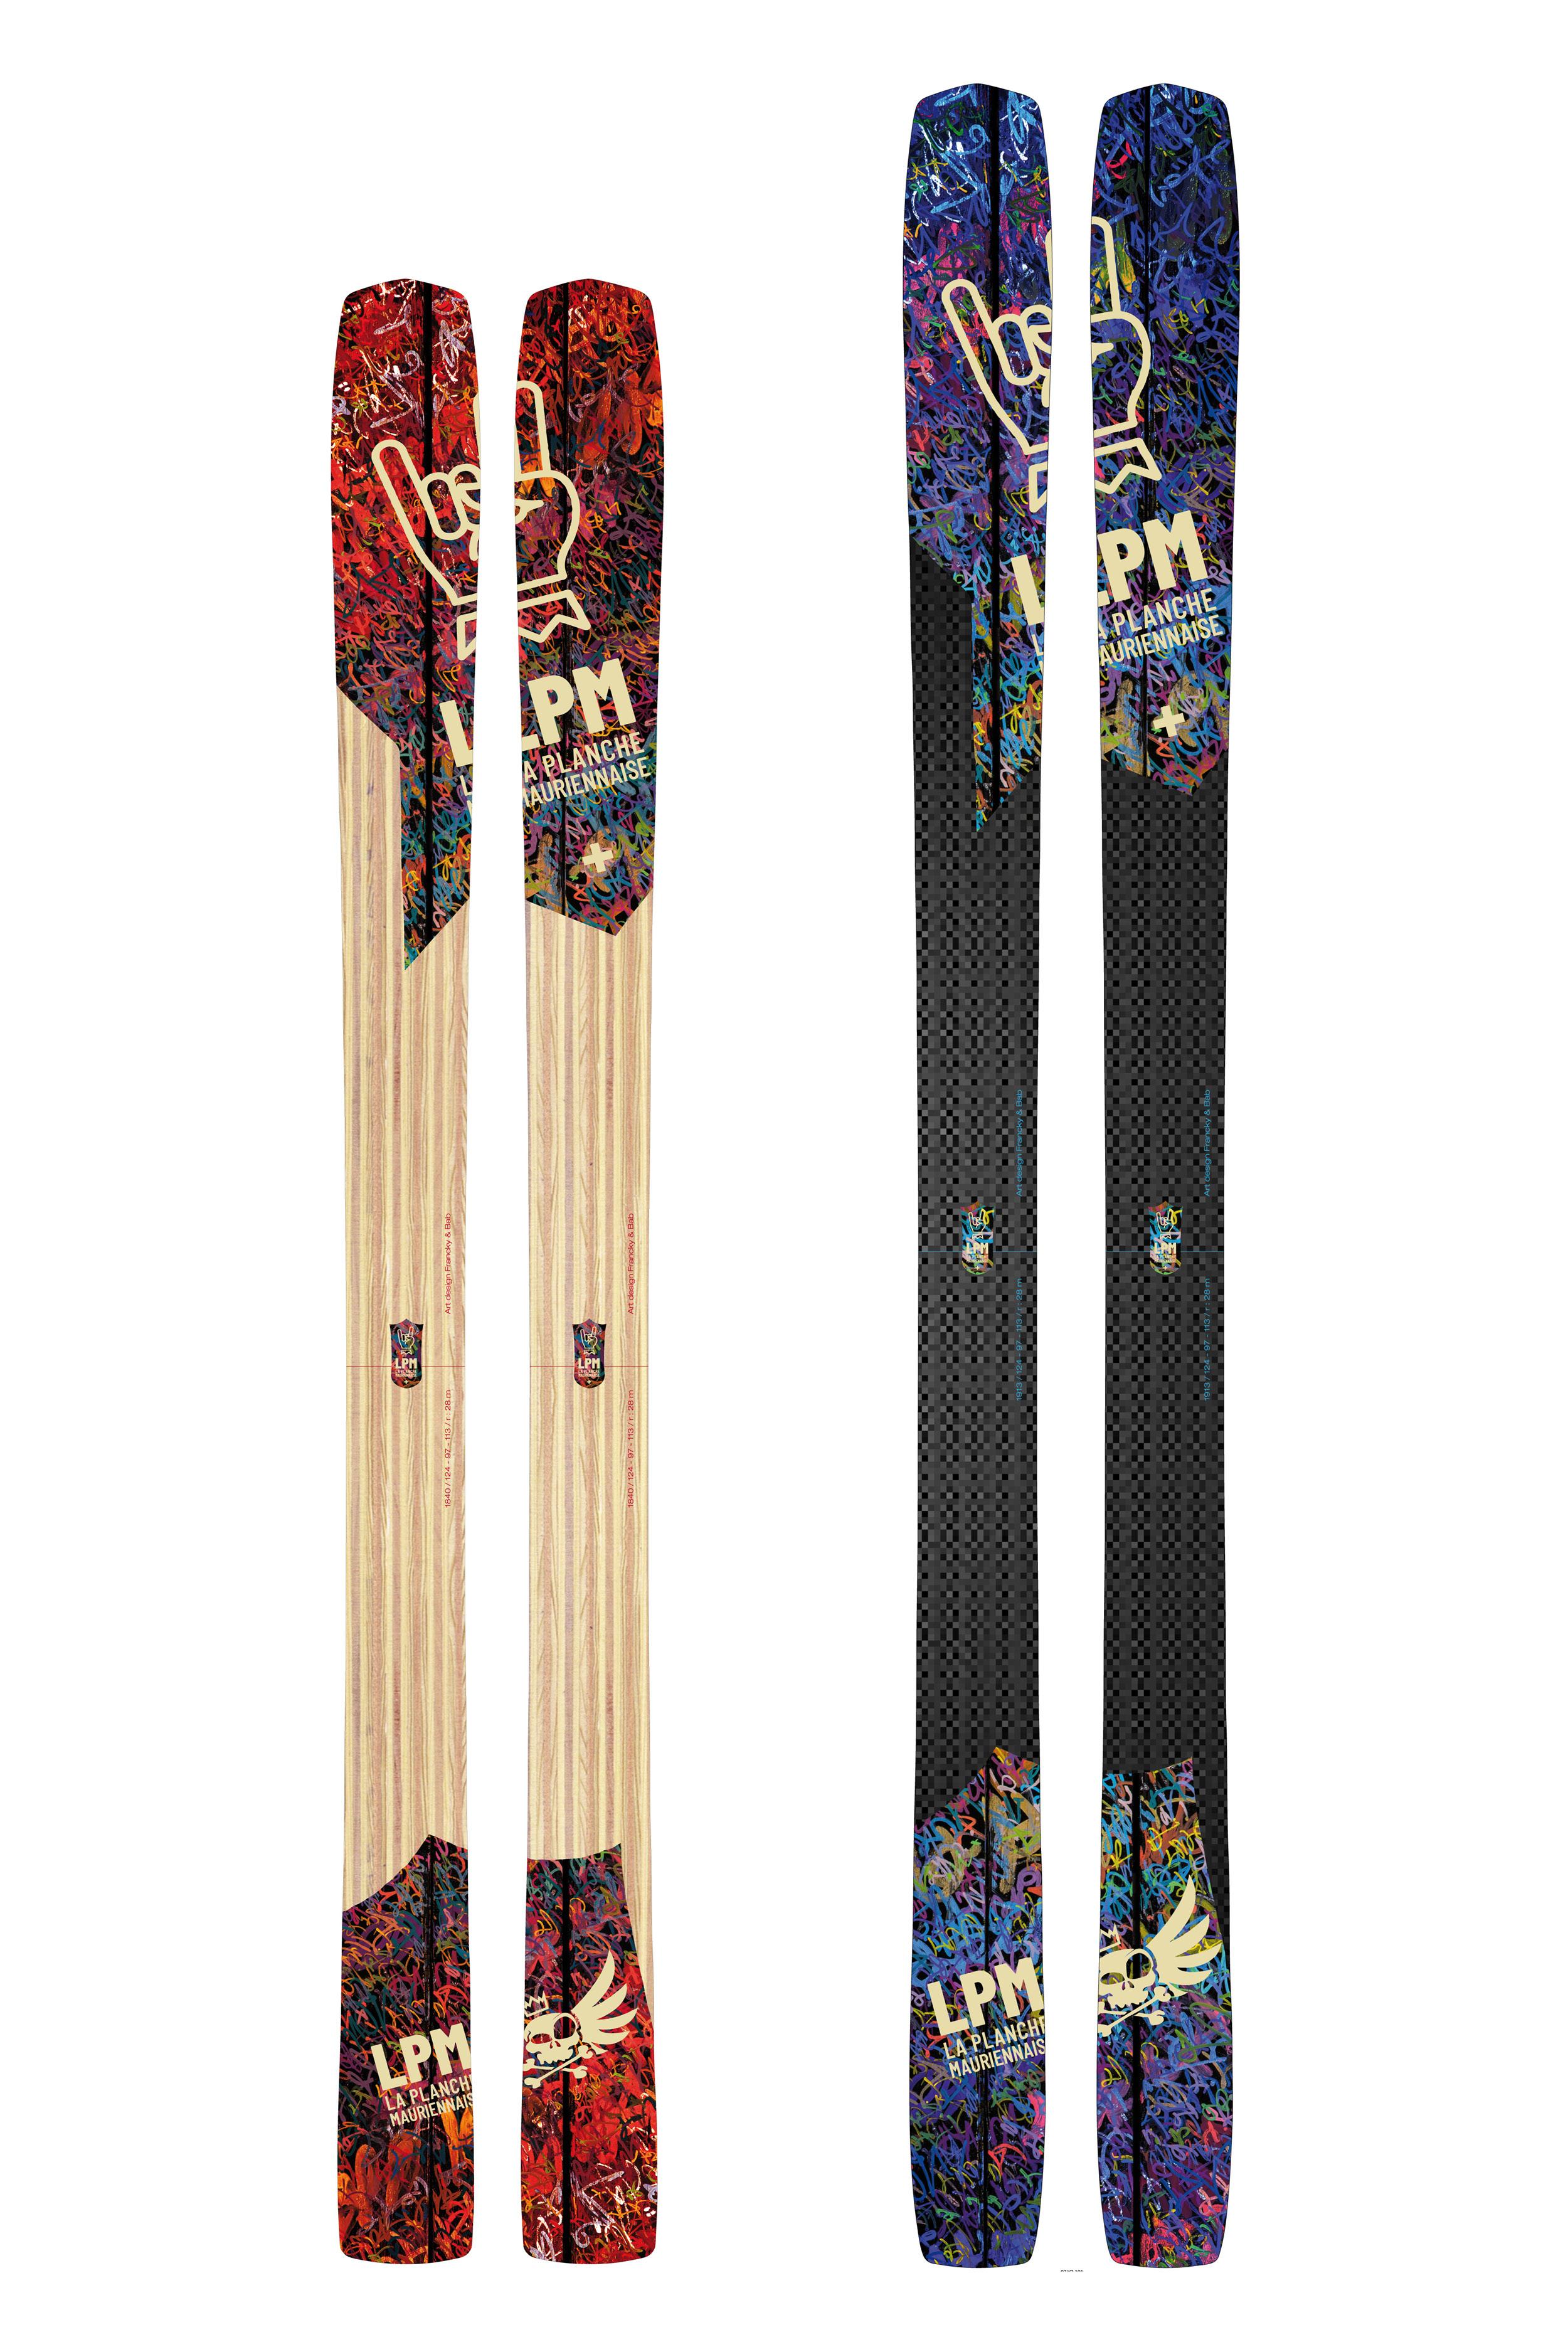 ski design97 LPM La Planche Mauriennaise fabrications artisanale skis Maurienne Savoie Albiez France